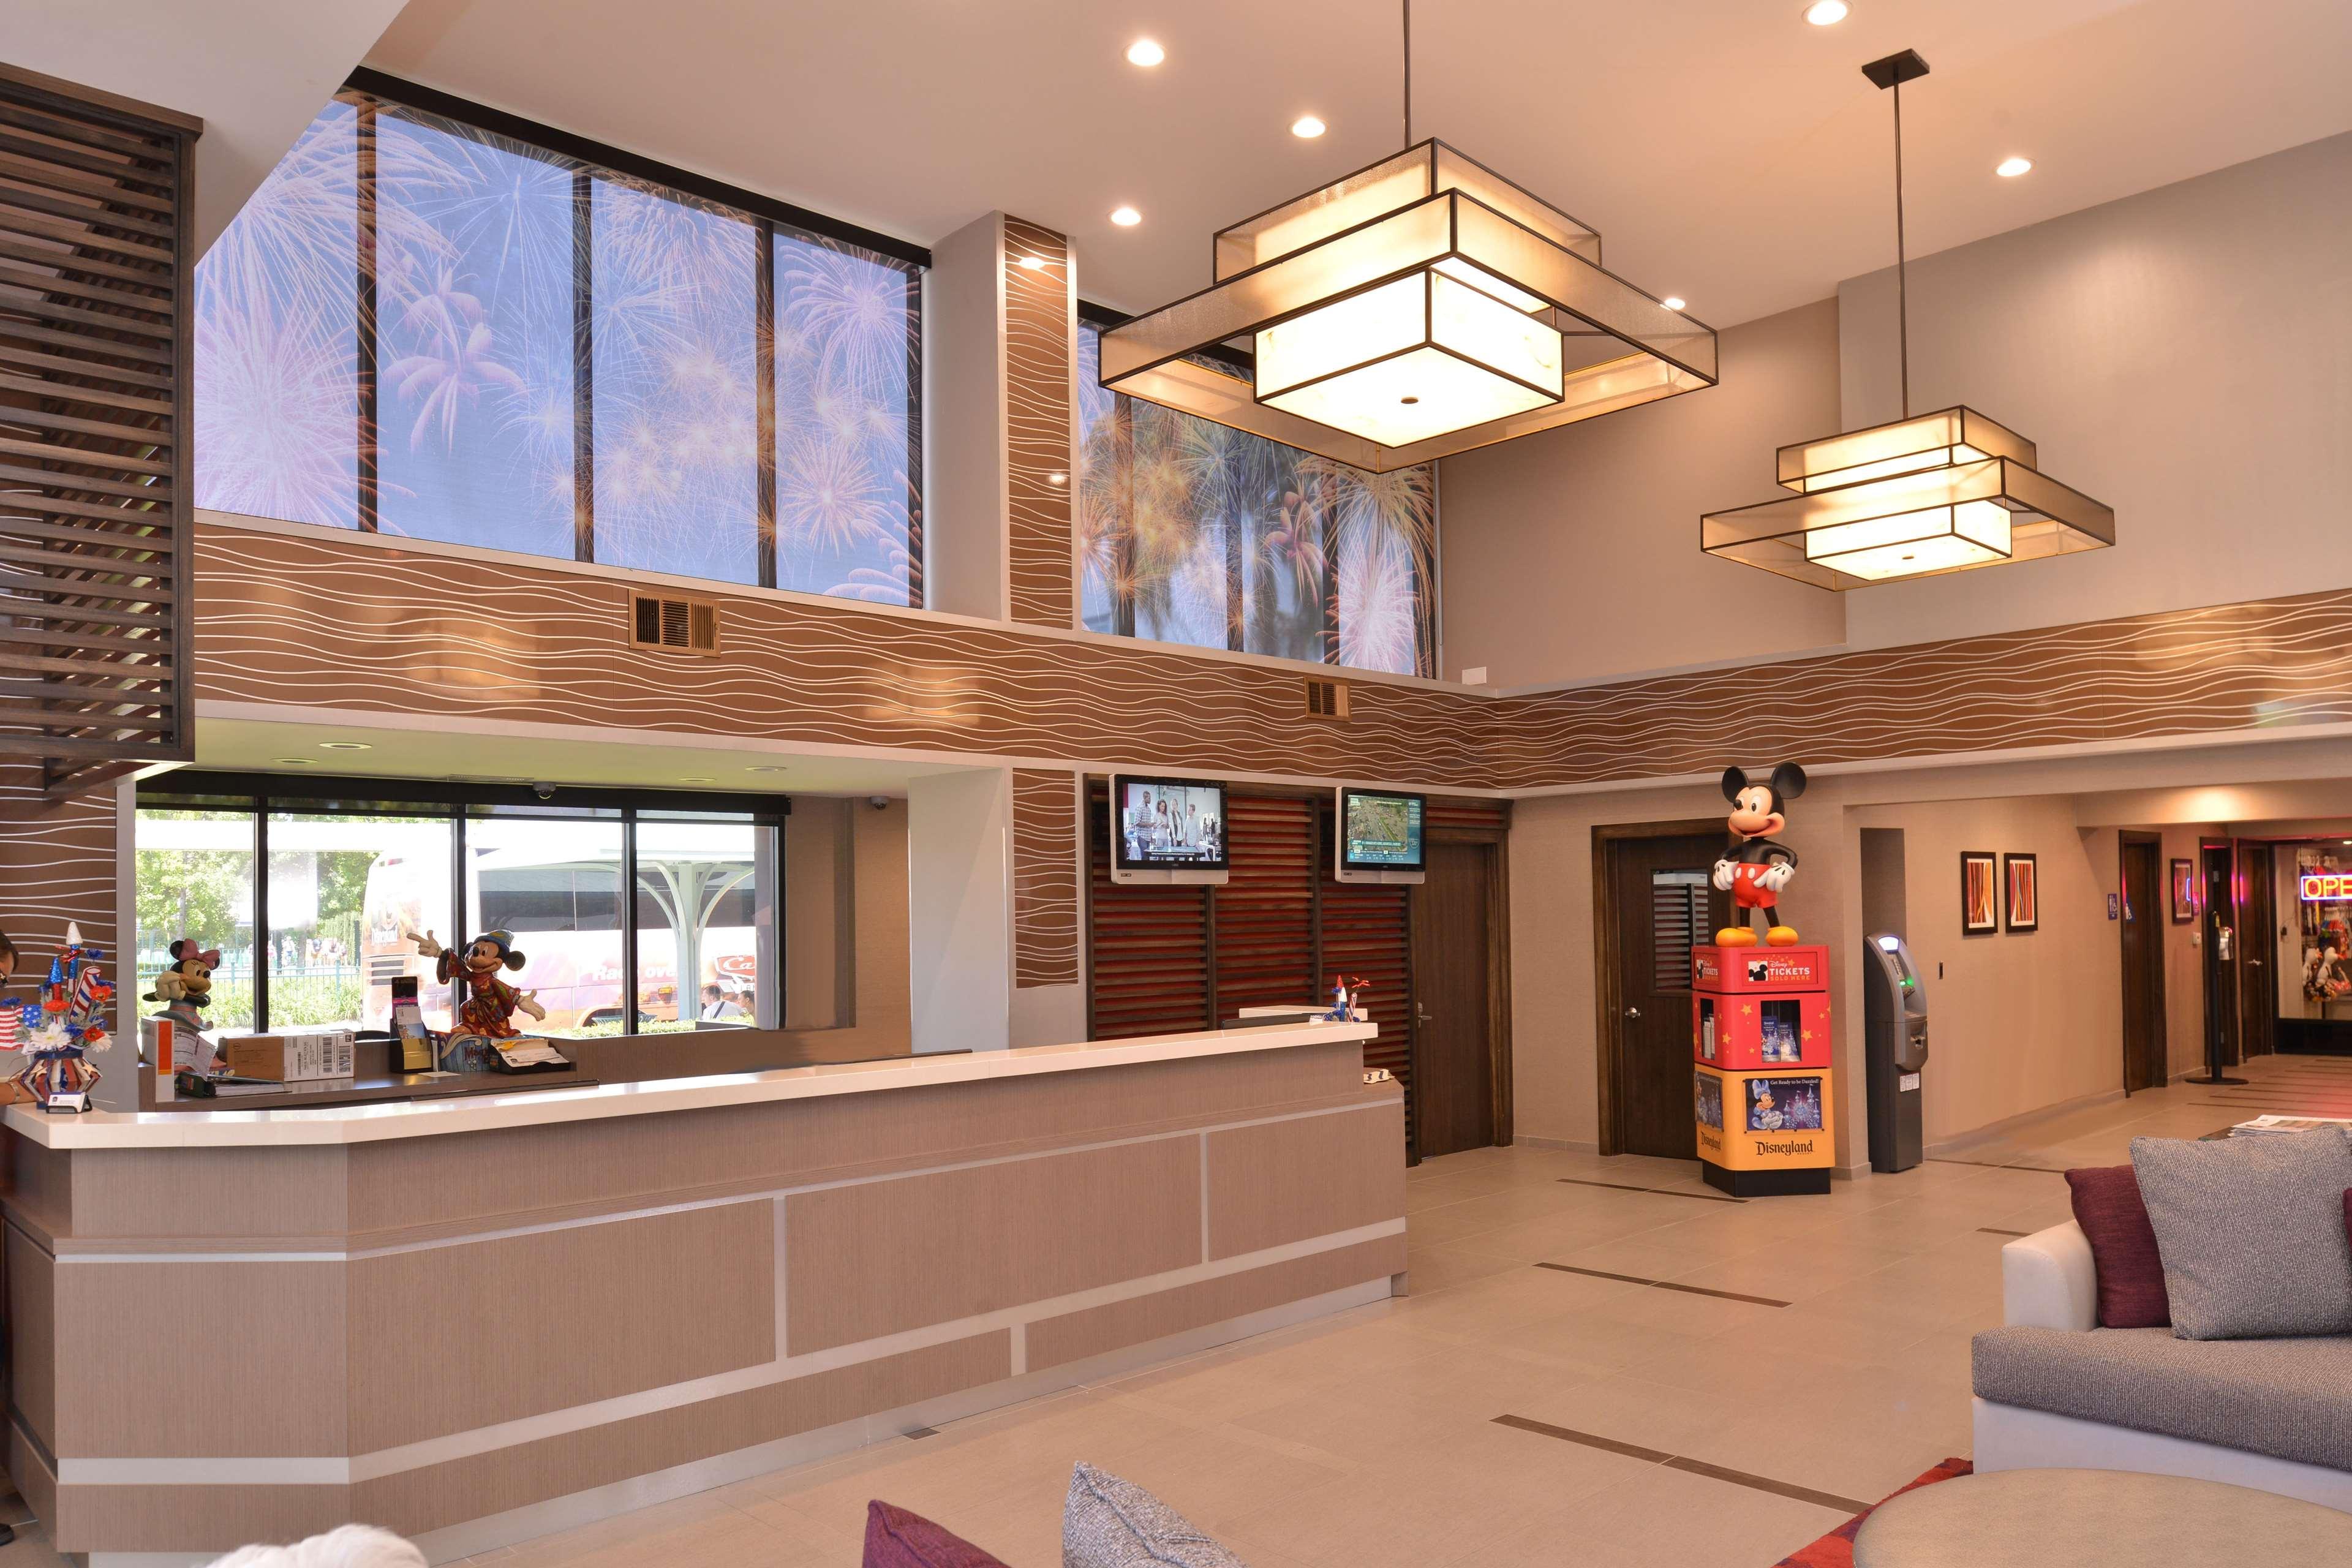 Best Western Plus Park Place Inn - Mini Suites image 4